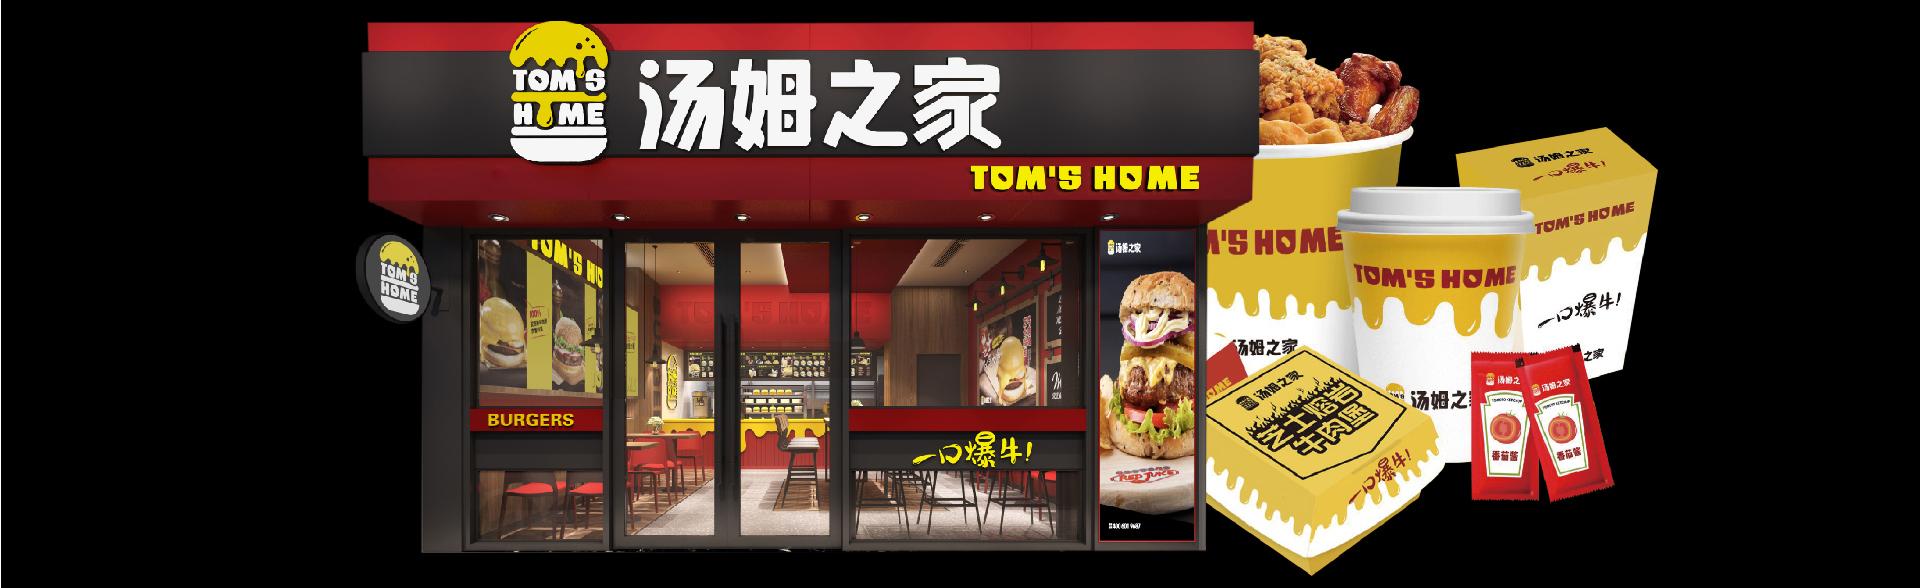 汤姆之家汉堡tmzj_09